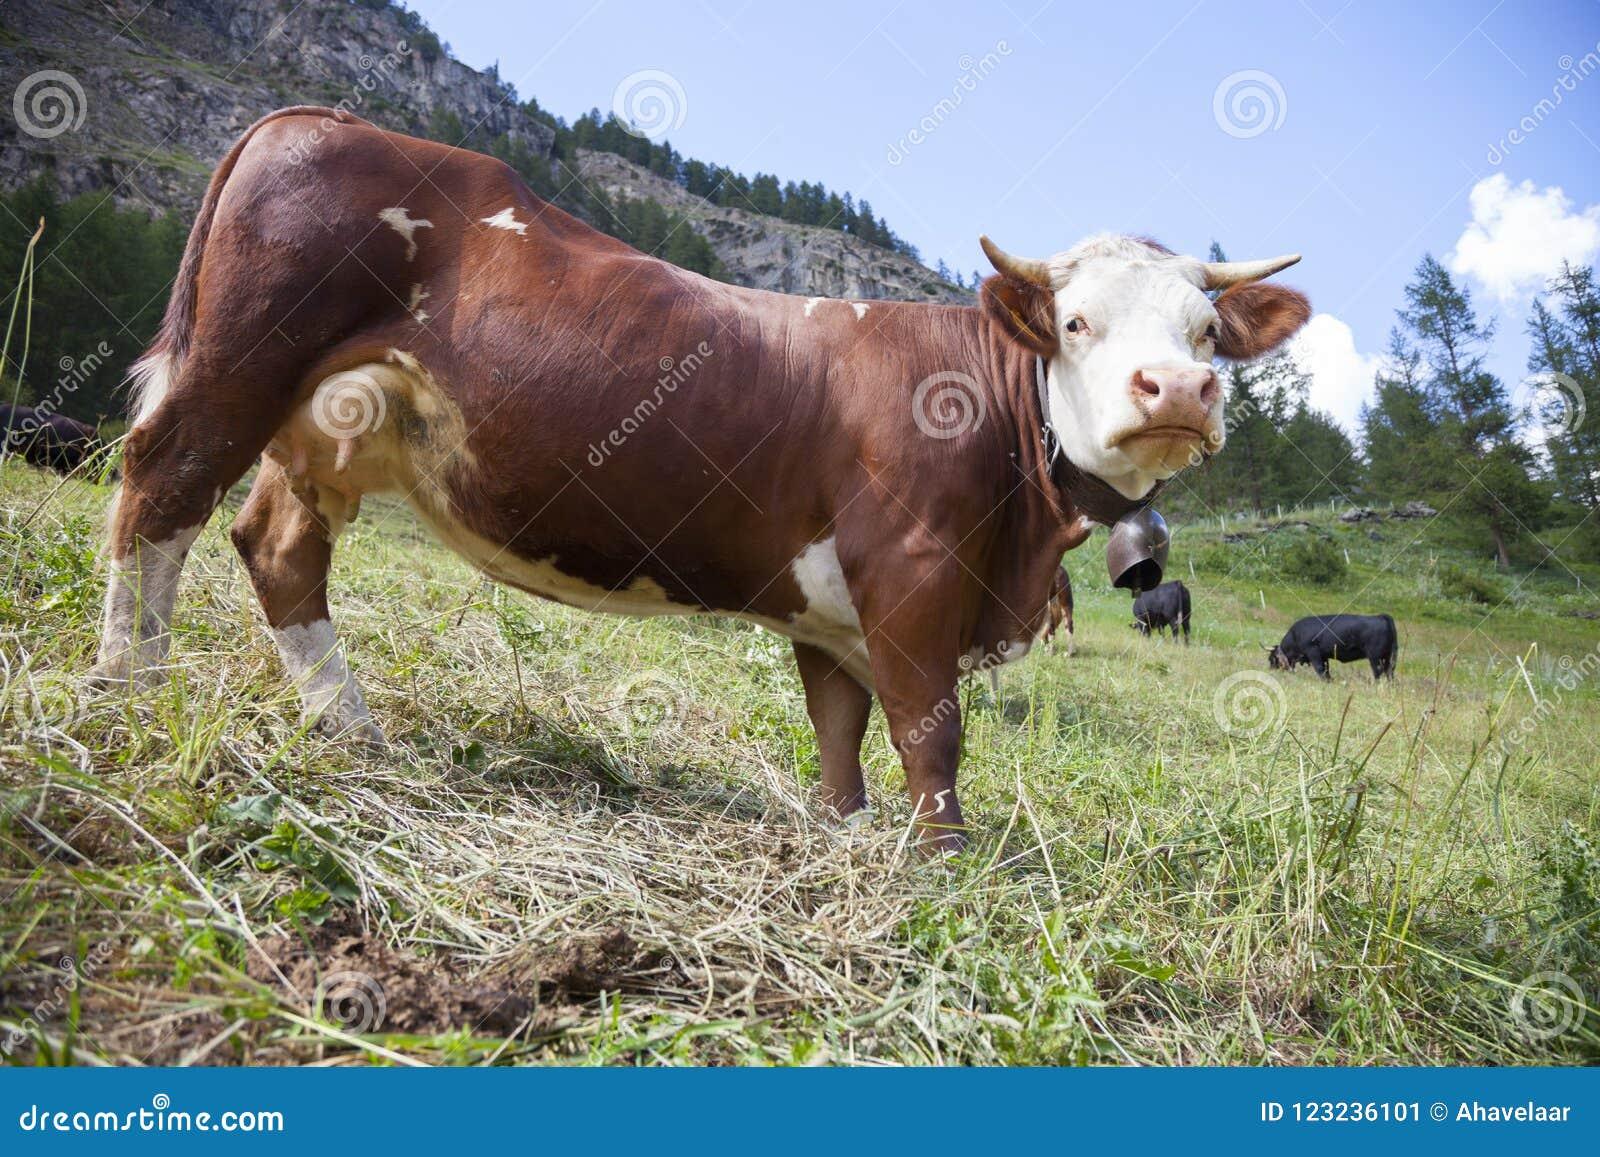 Brown-Kühe lassen in der italienischen Bergwiese von Nationalpark gran paradiso weiden